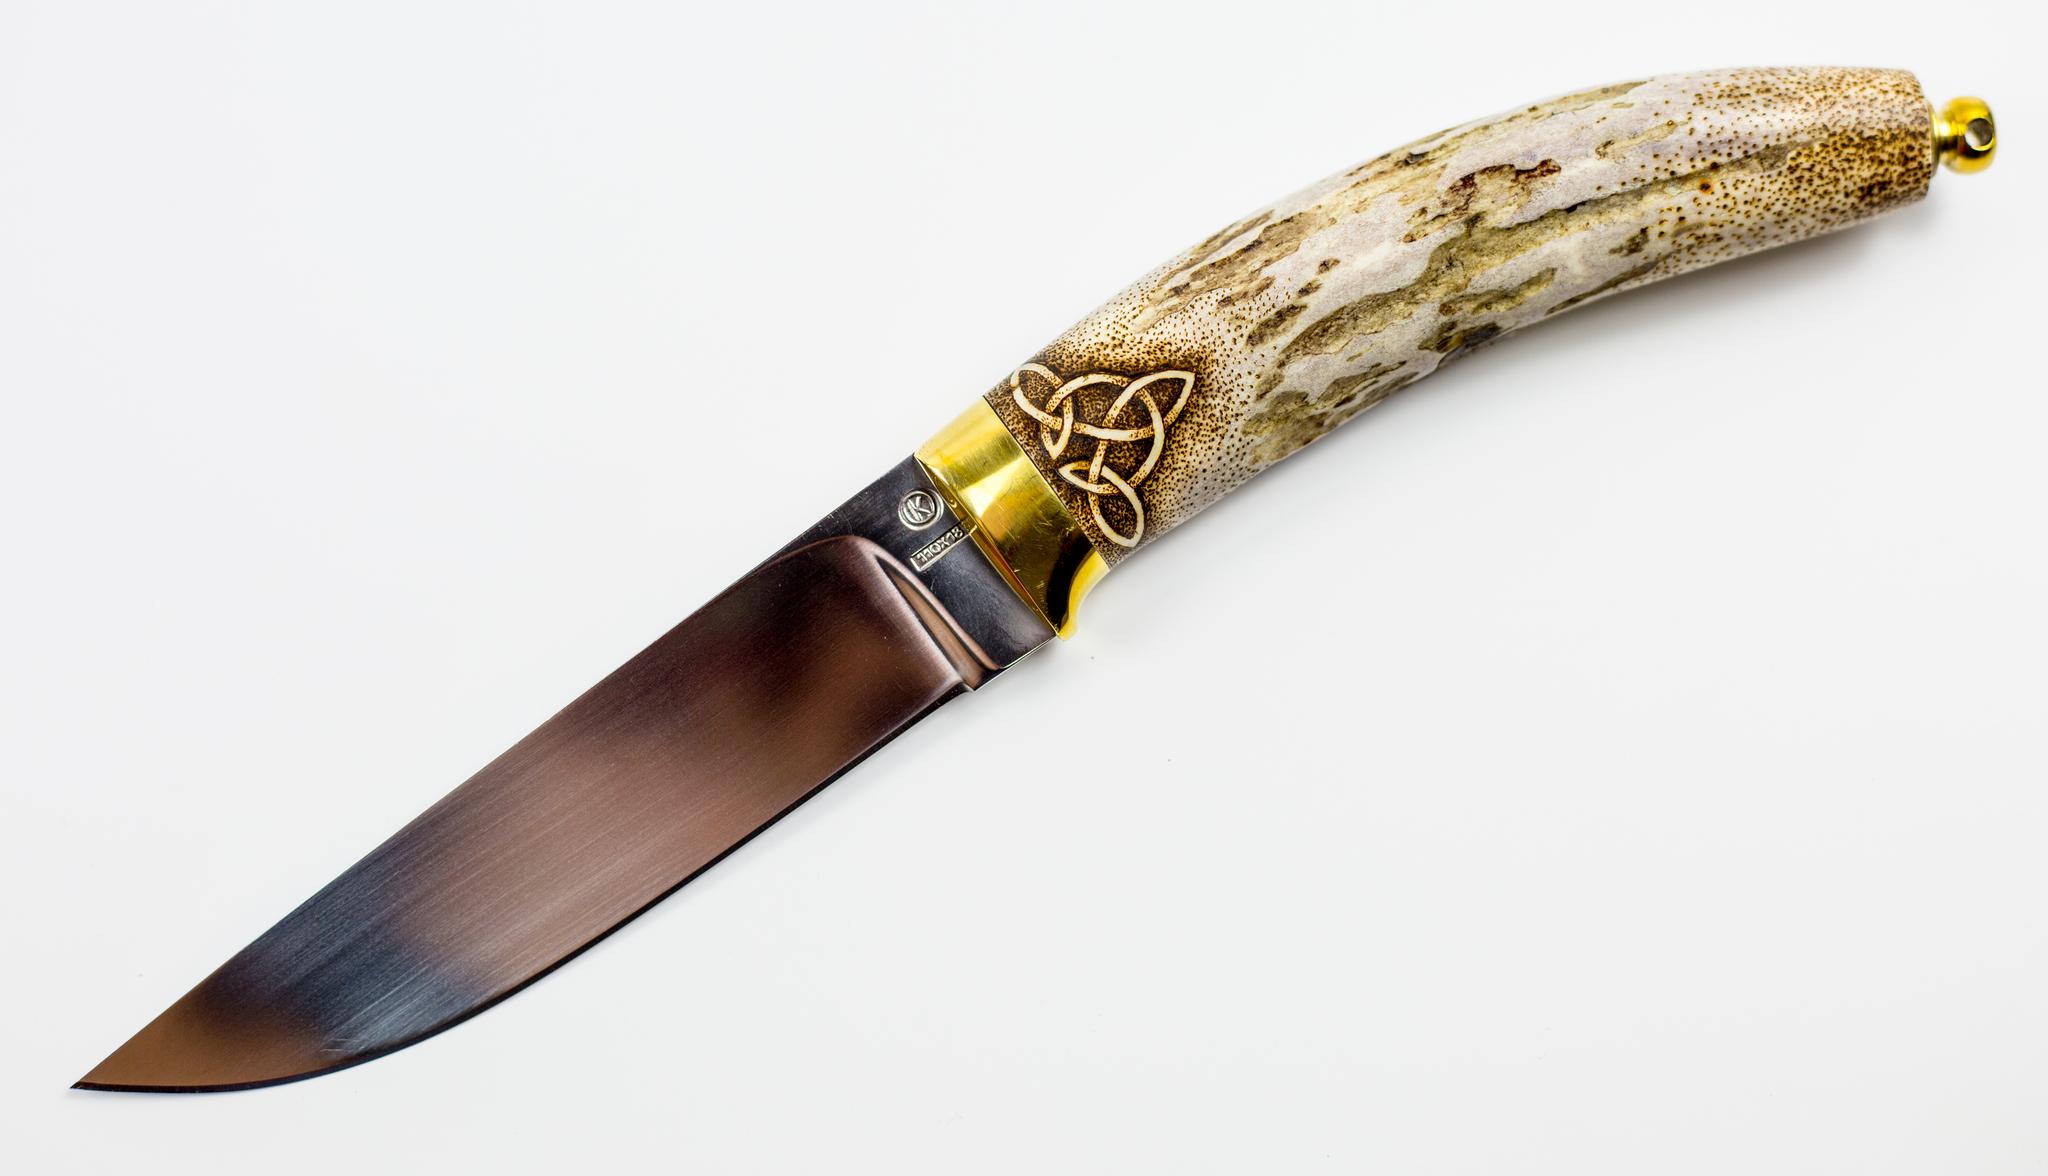 картинки на ручку ножа новоуральска подробно